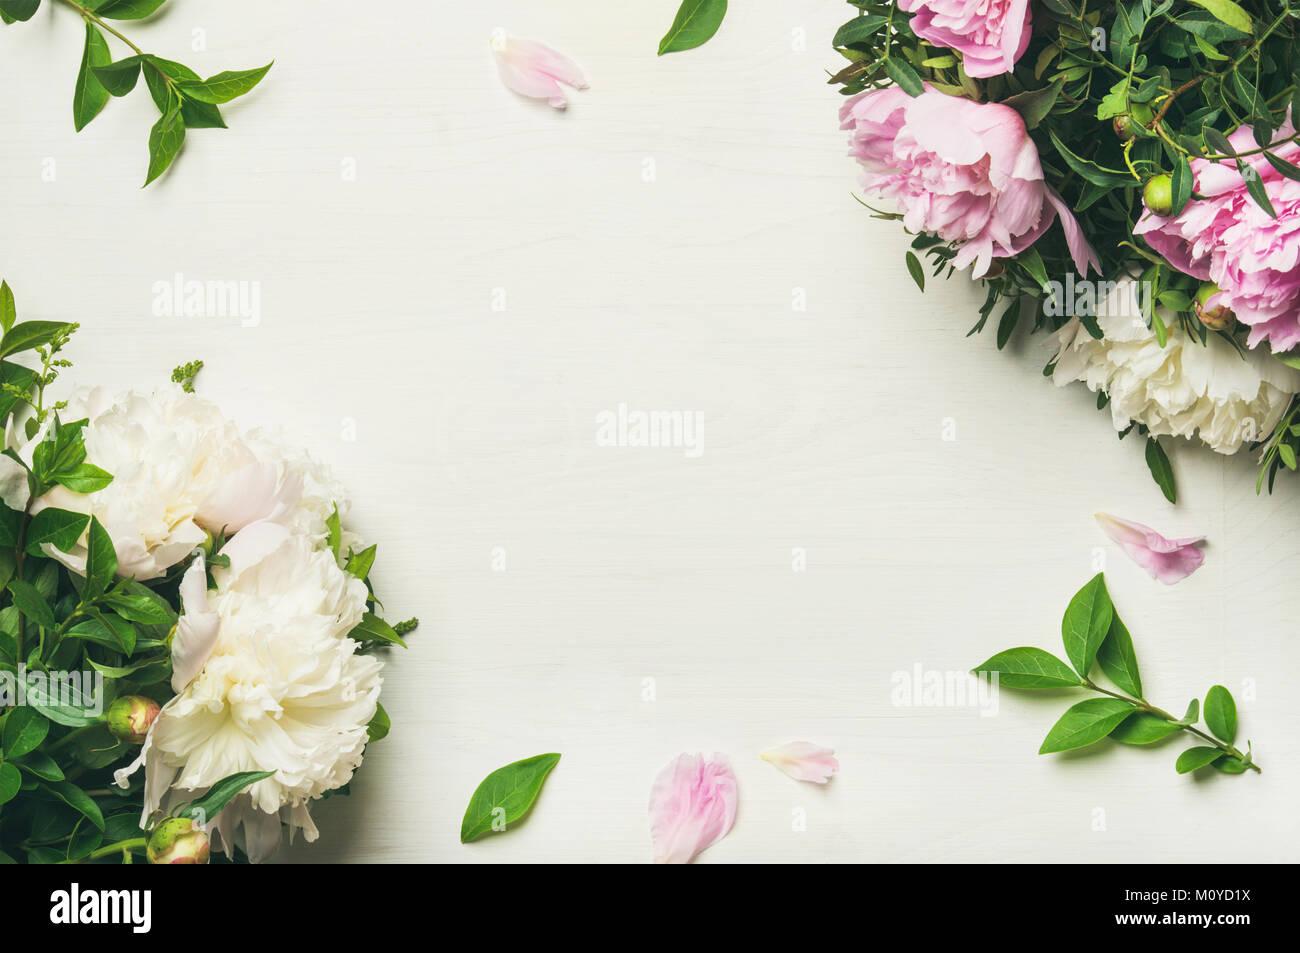 Frühling Blumen Layout mit Blumen. Flachbild-lay von zart rosa und weißen Pfingstrosen auf weißem Hintergrund, Ansicht von oben, kopieren. Tag der Frauen, Valentines Stockfoto